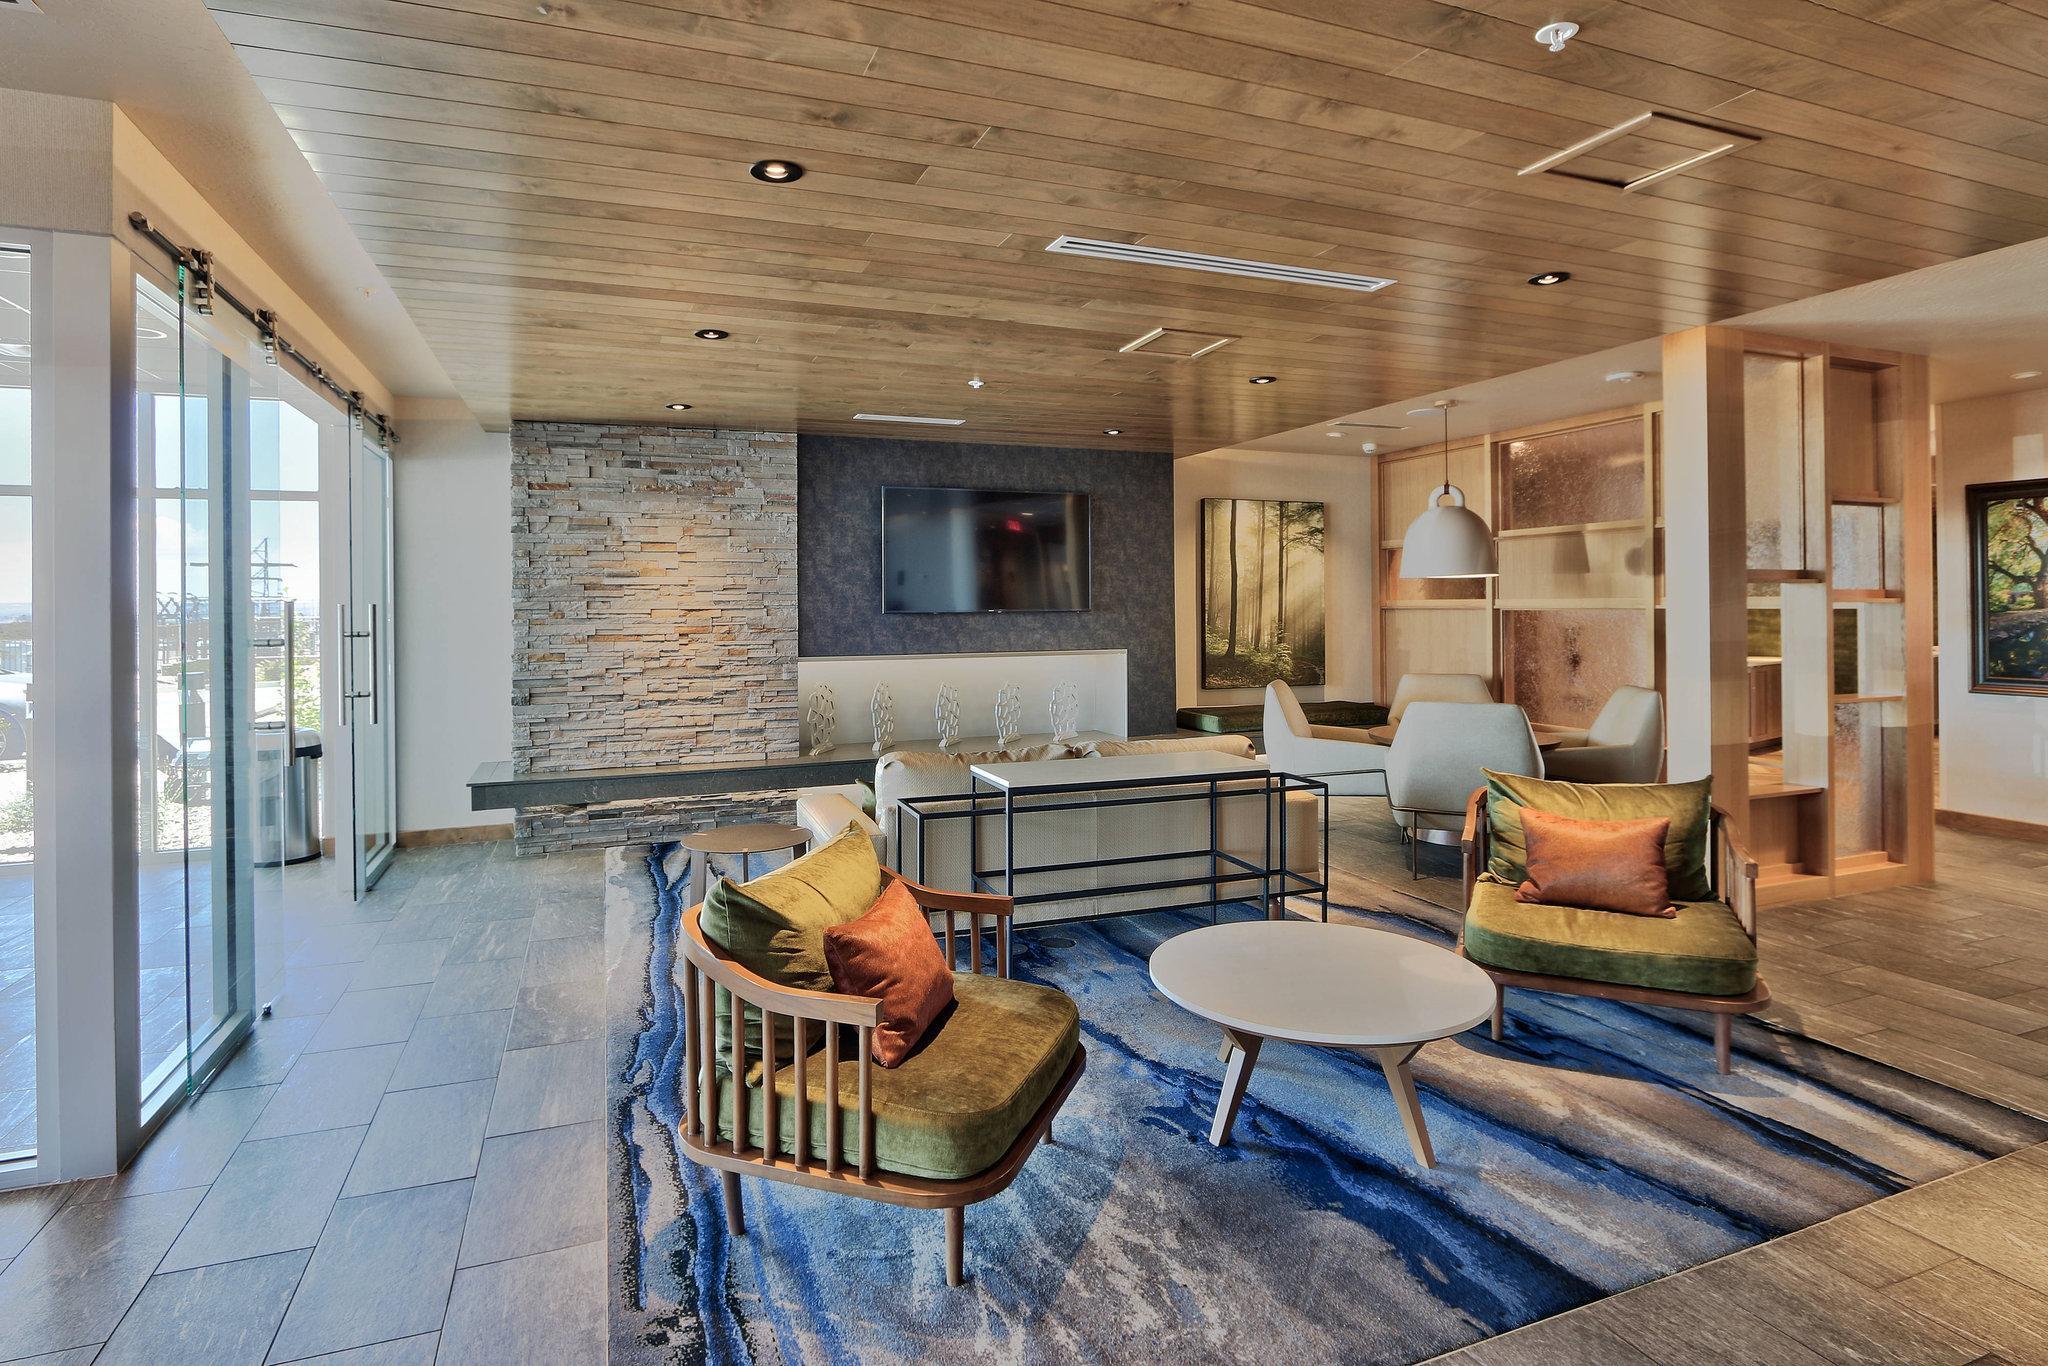 Fairfield Inn And Suites Albuquerque North